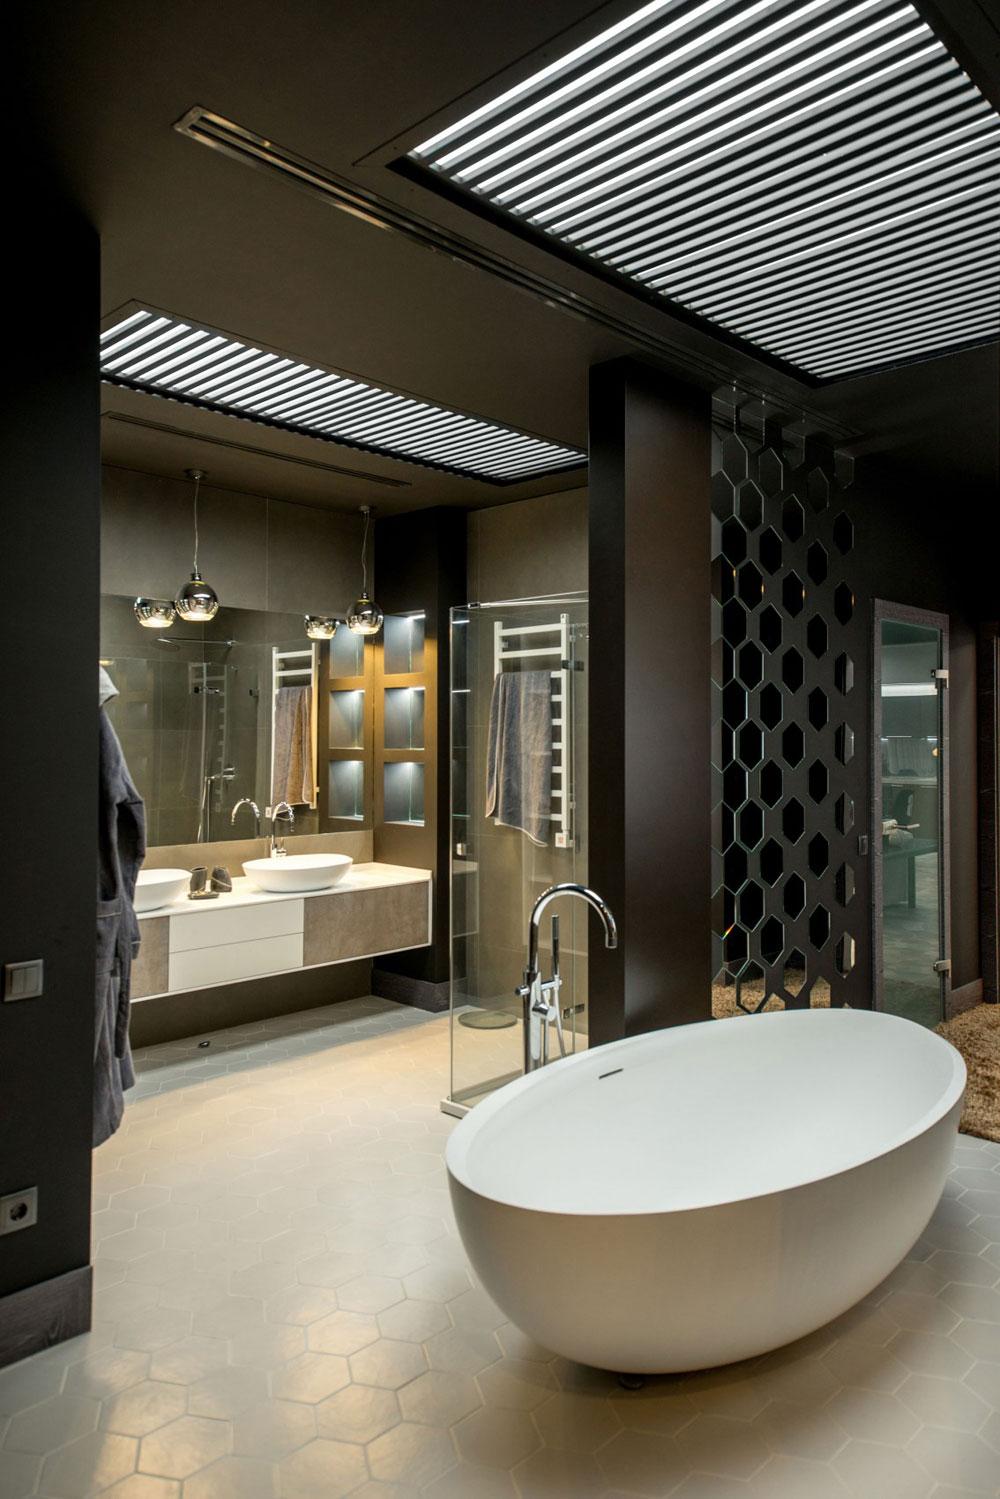 Huvudsaklig badrumsinredning för att hjälpa dig att skapa något bra 41 Huvudsaklig badrumsinredning för att hjälpa dig skapa något fantastiskt